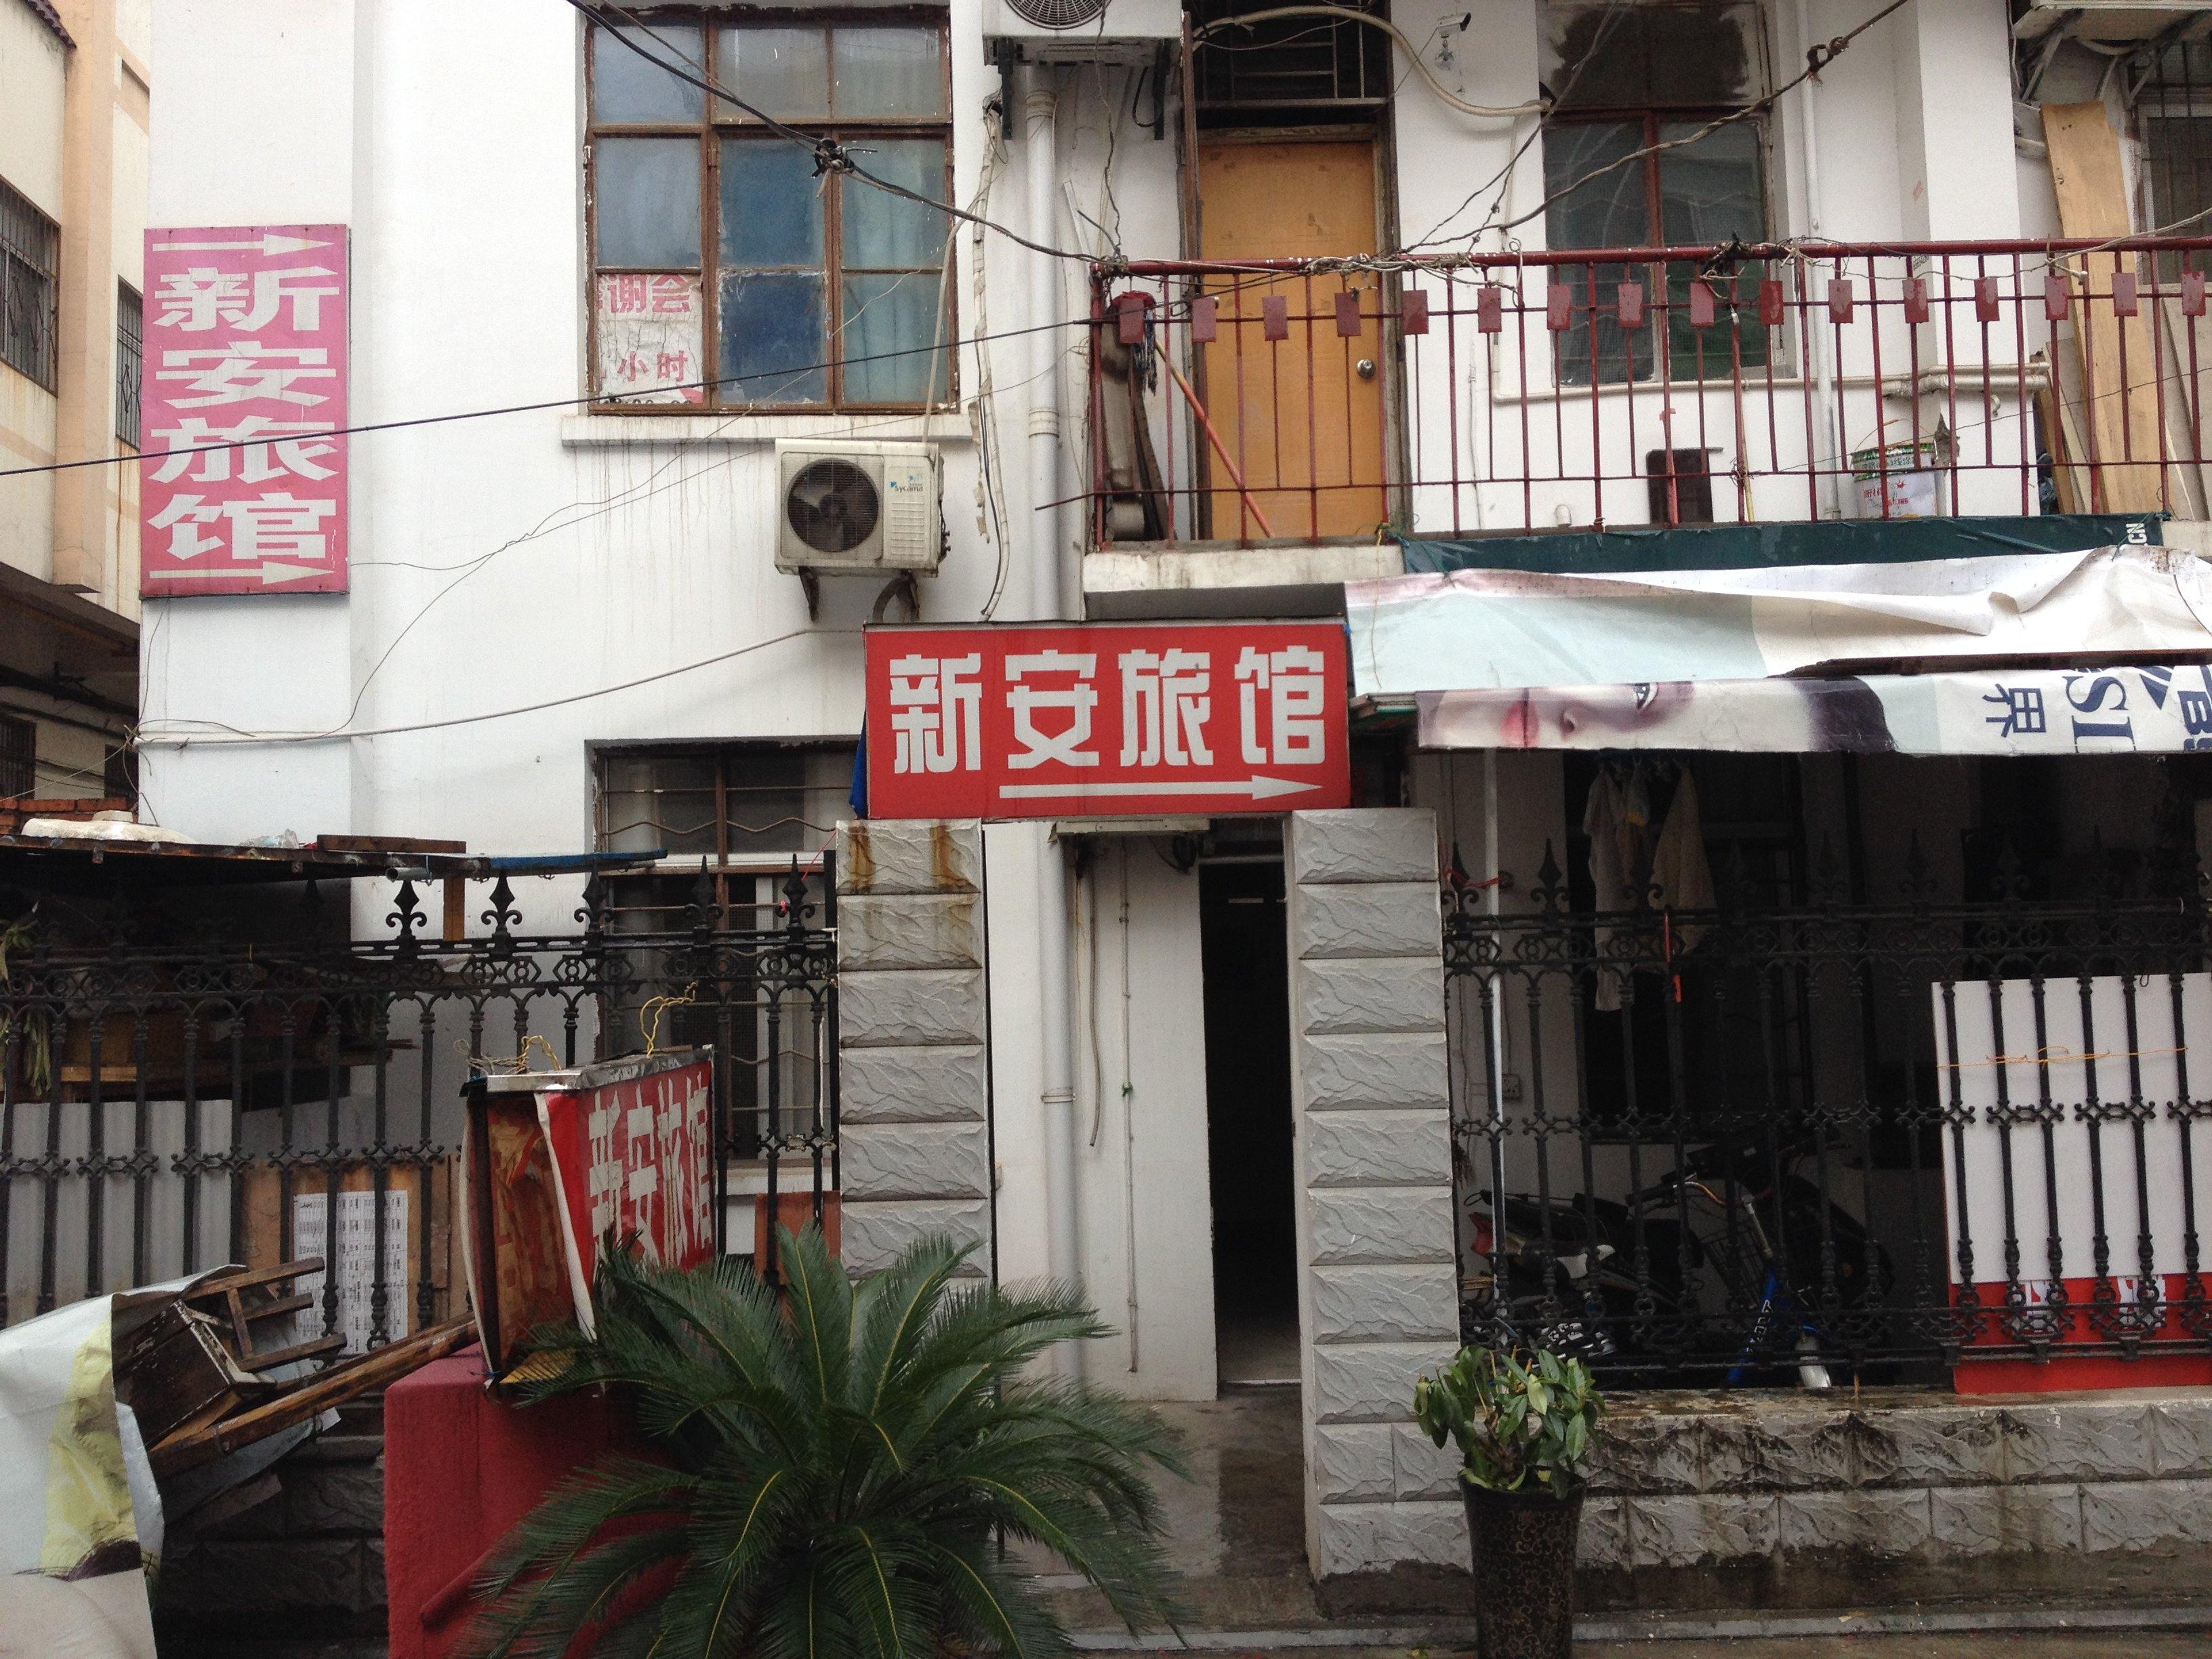 合肥新安驹�(y��y��f�_合肥新安旅馆